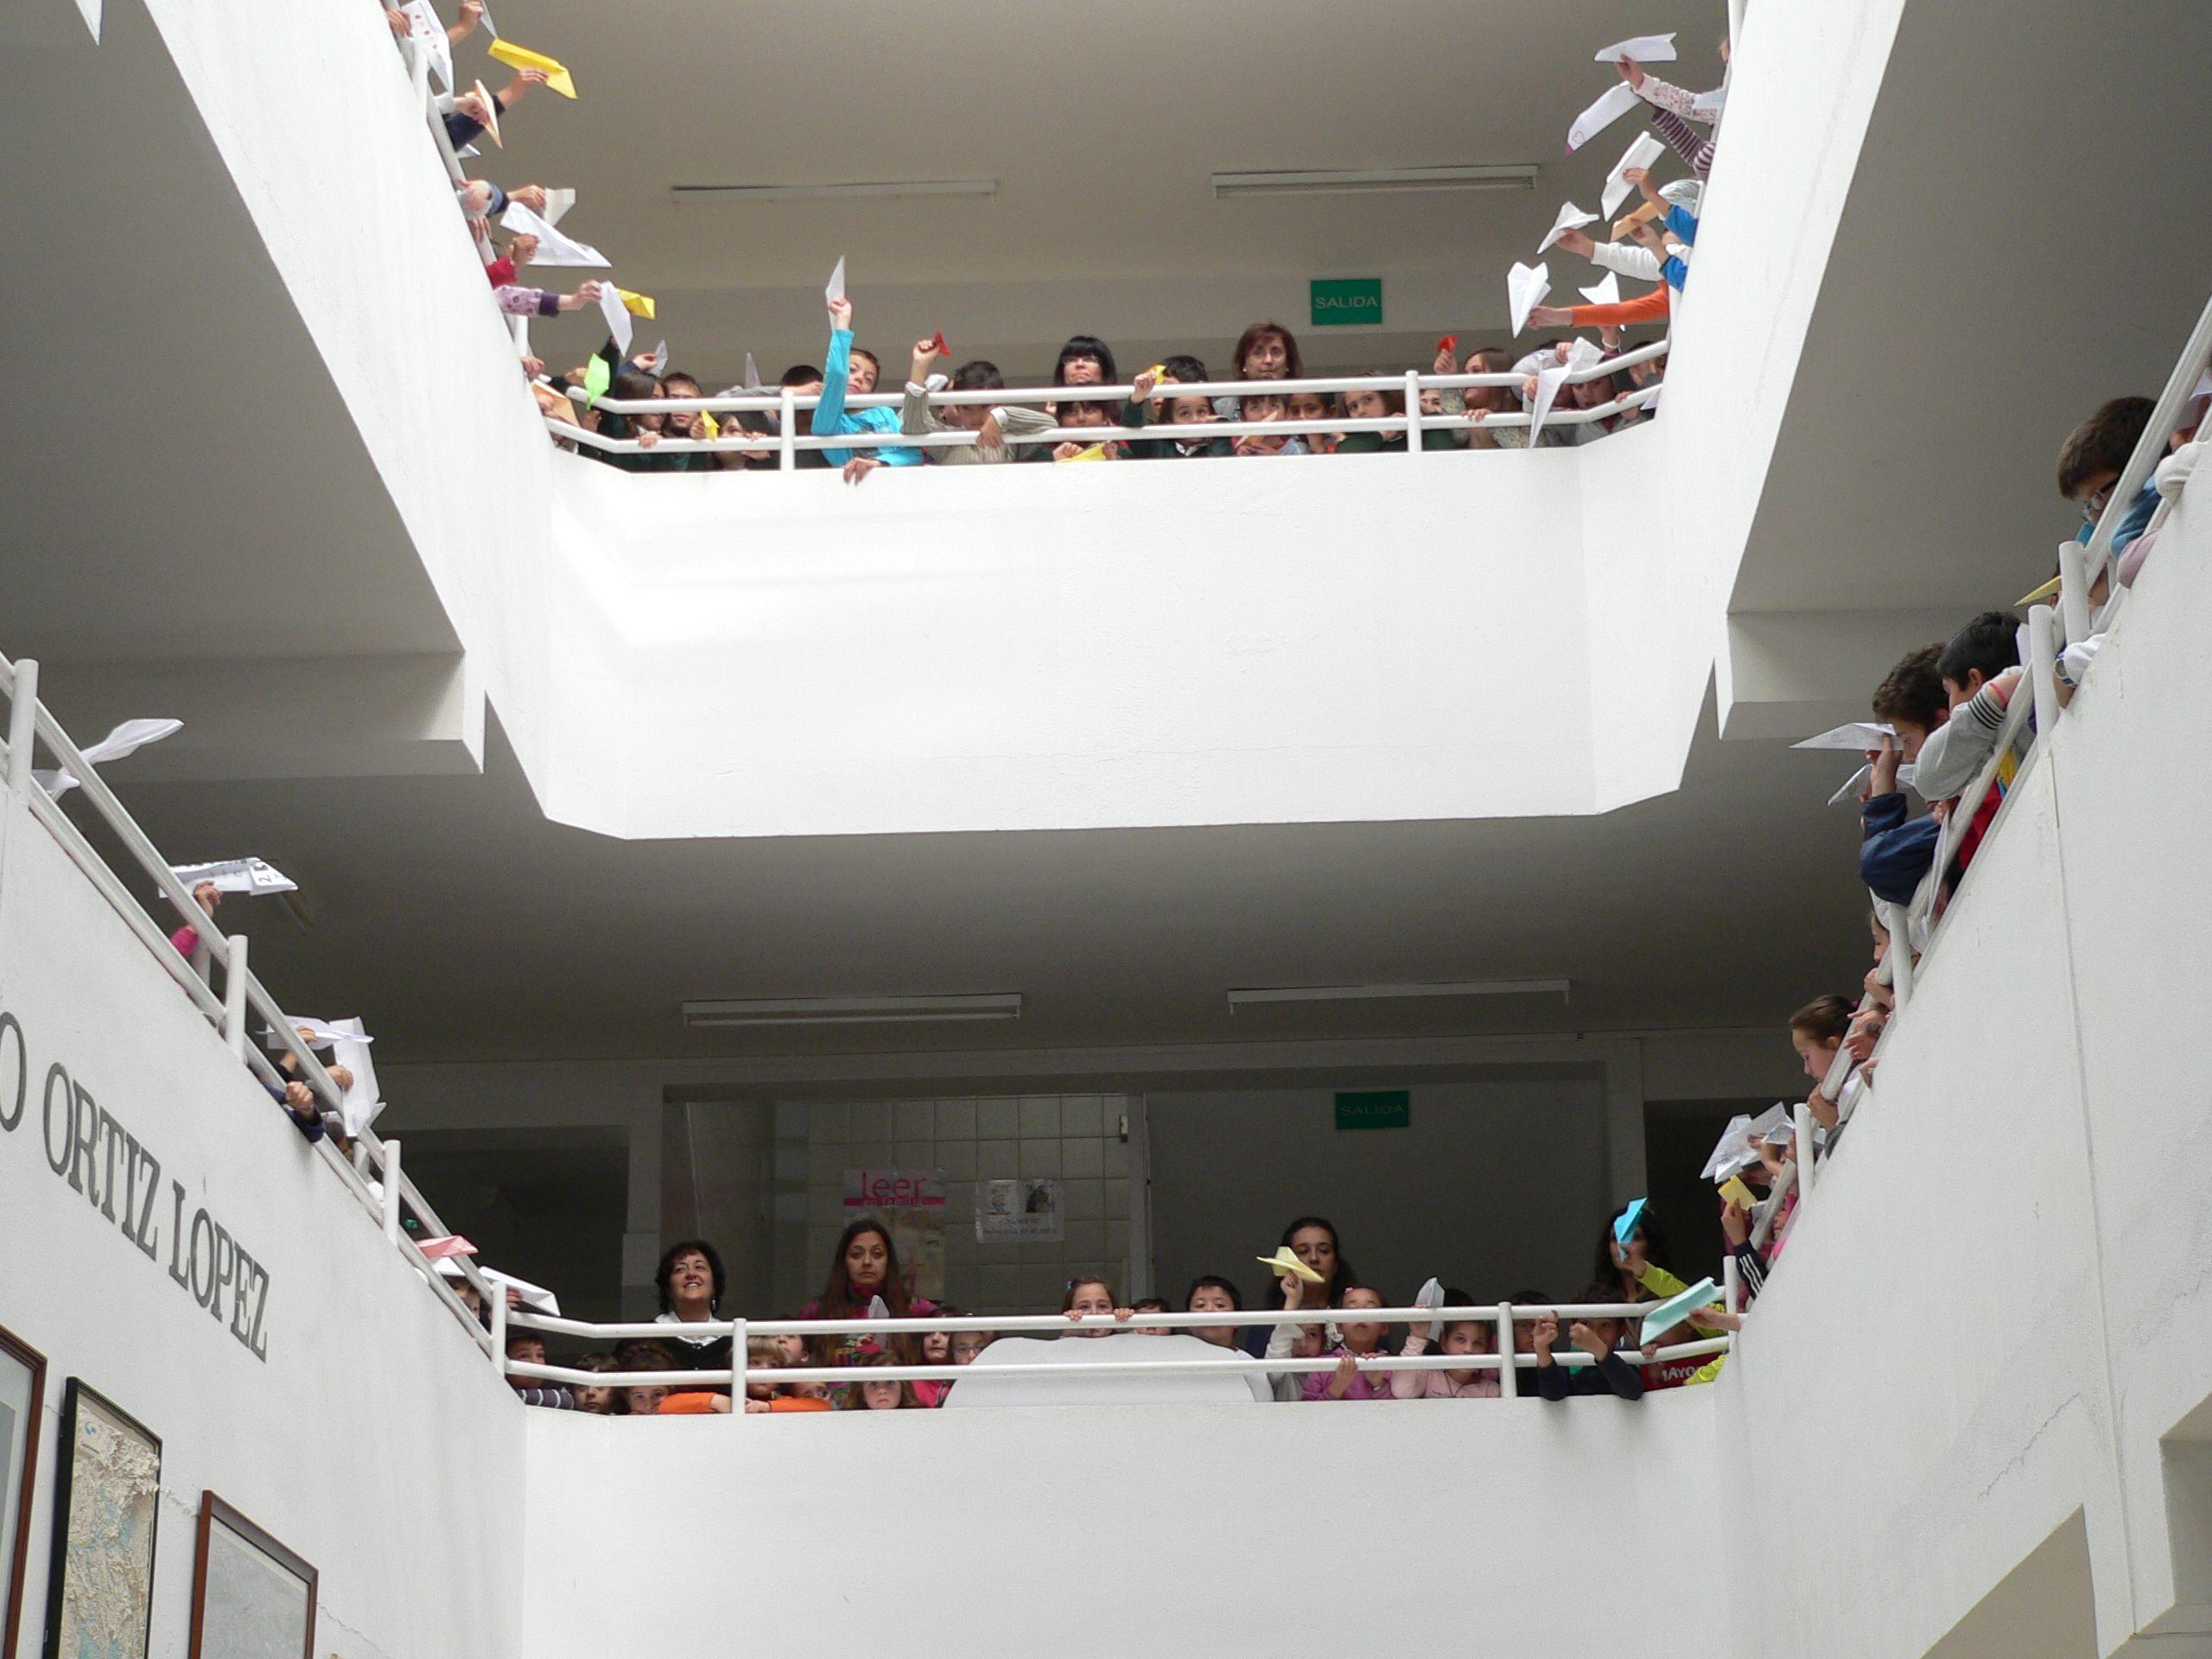 Celebración del Día de la Poesía en el Colegio Francisco Ortíz López